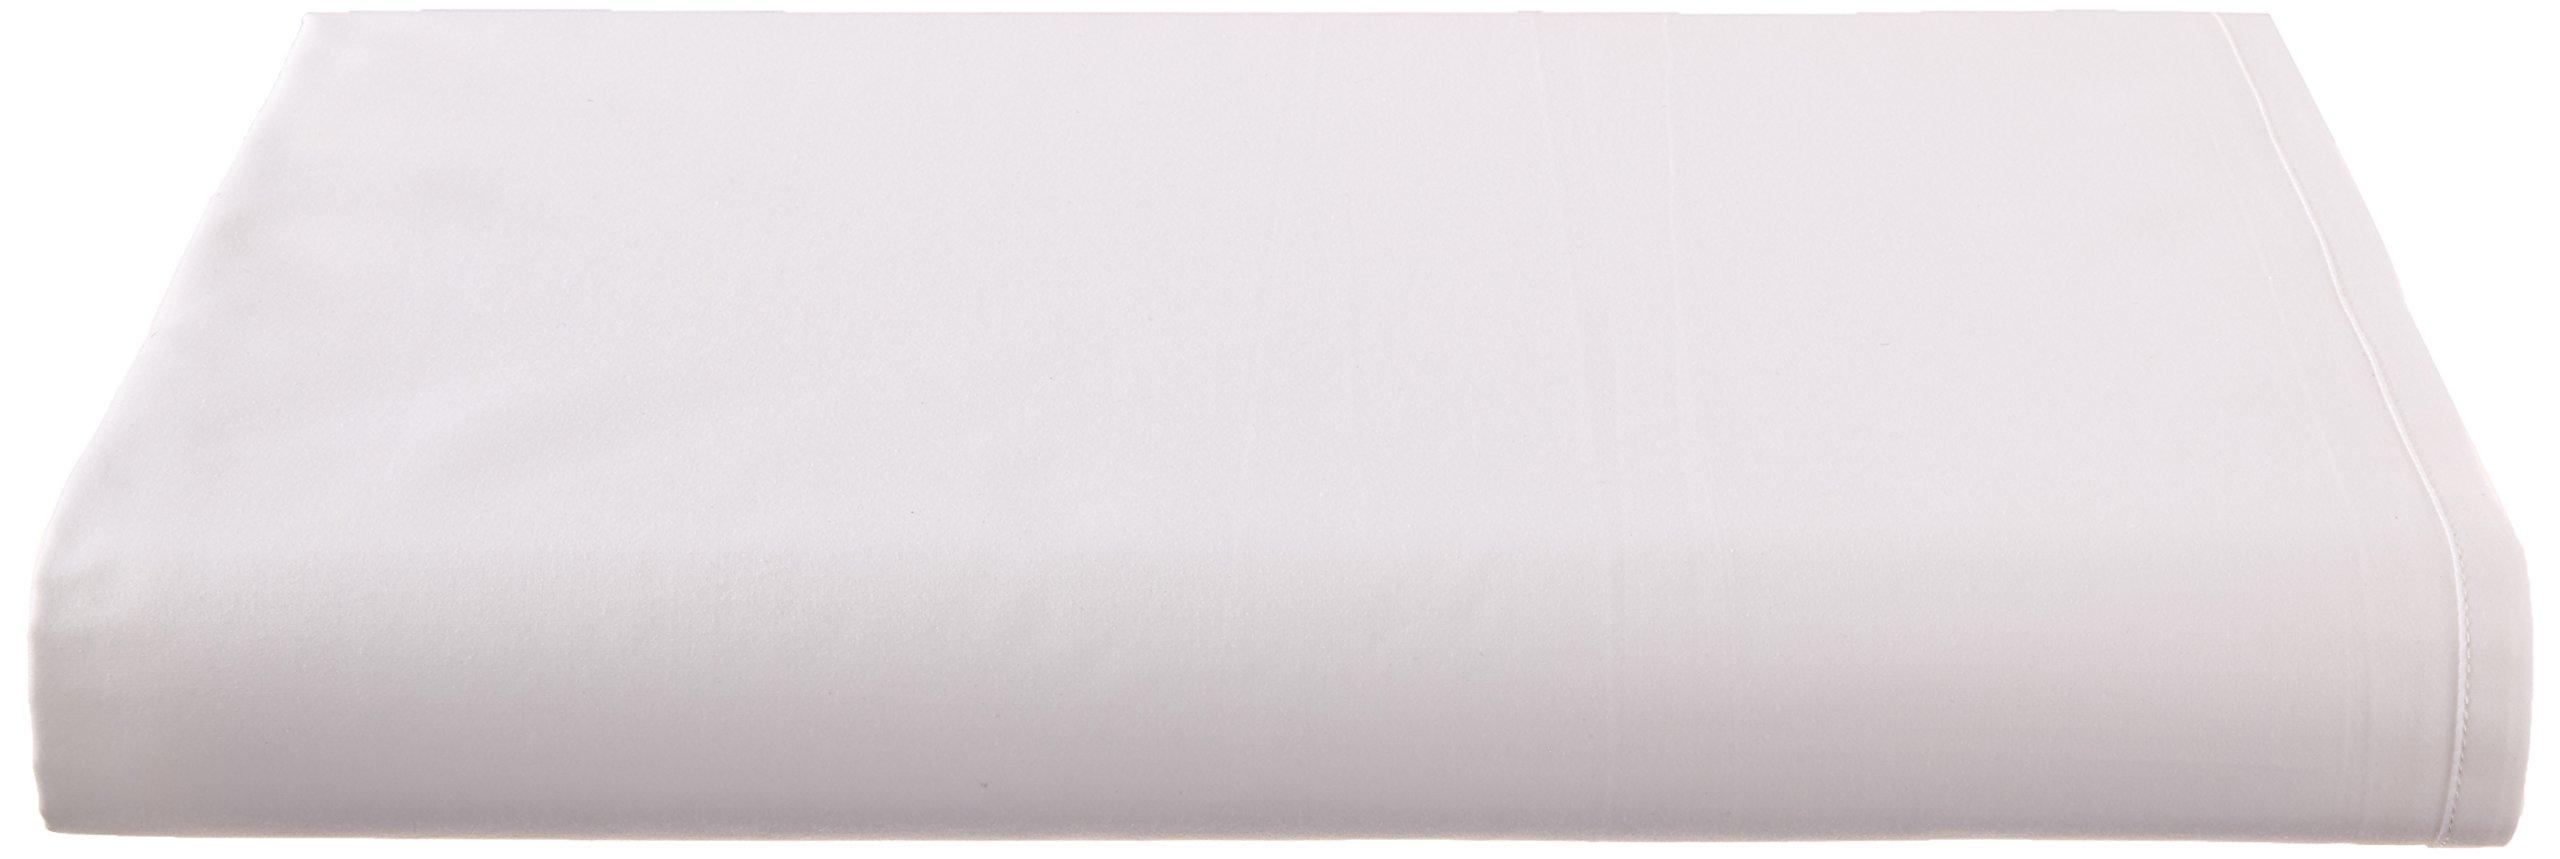 Calvin Klein Home Clone, Queen Flat Sheet, White